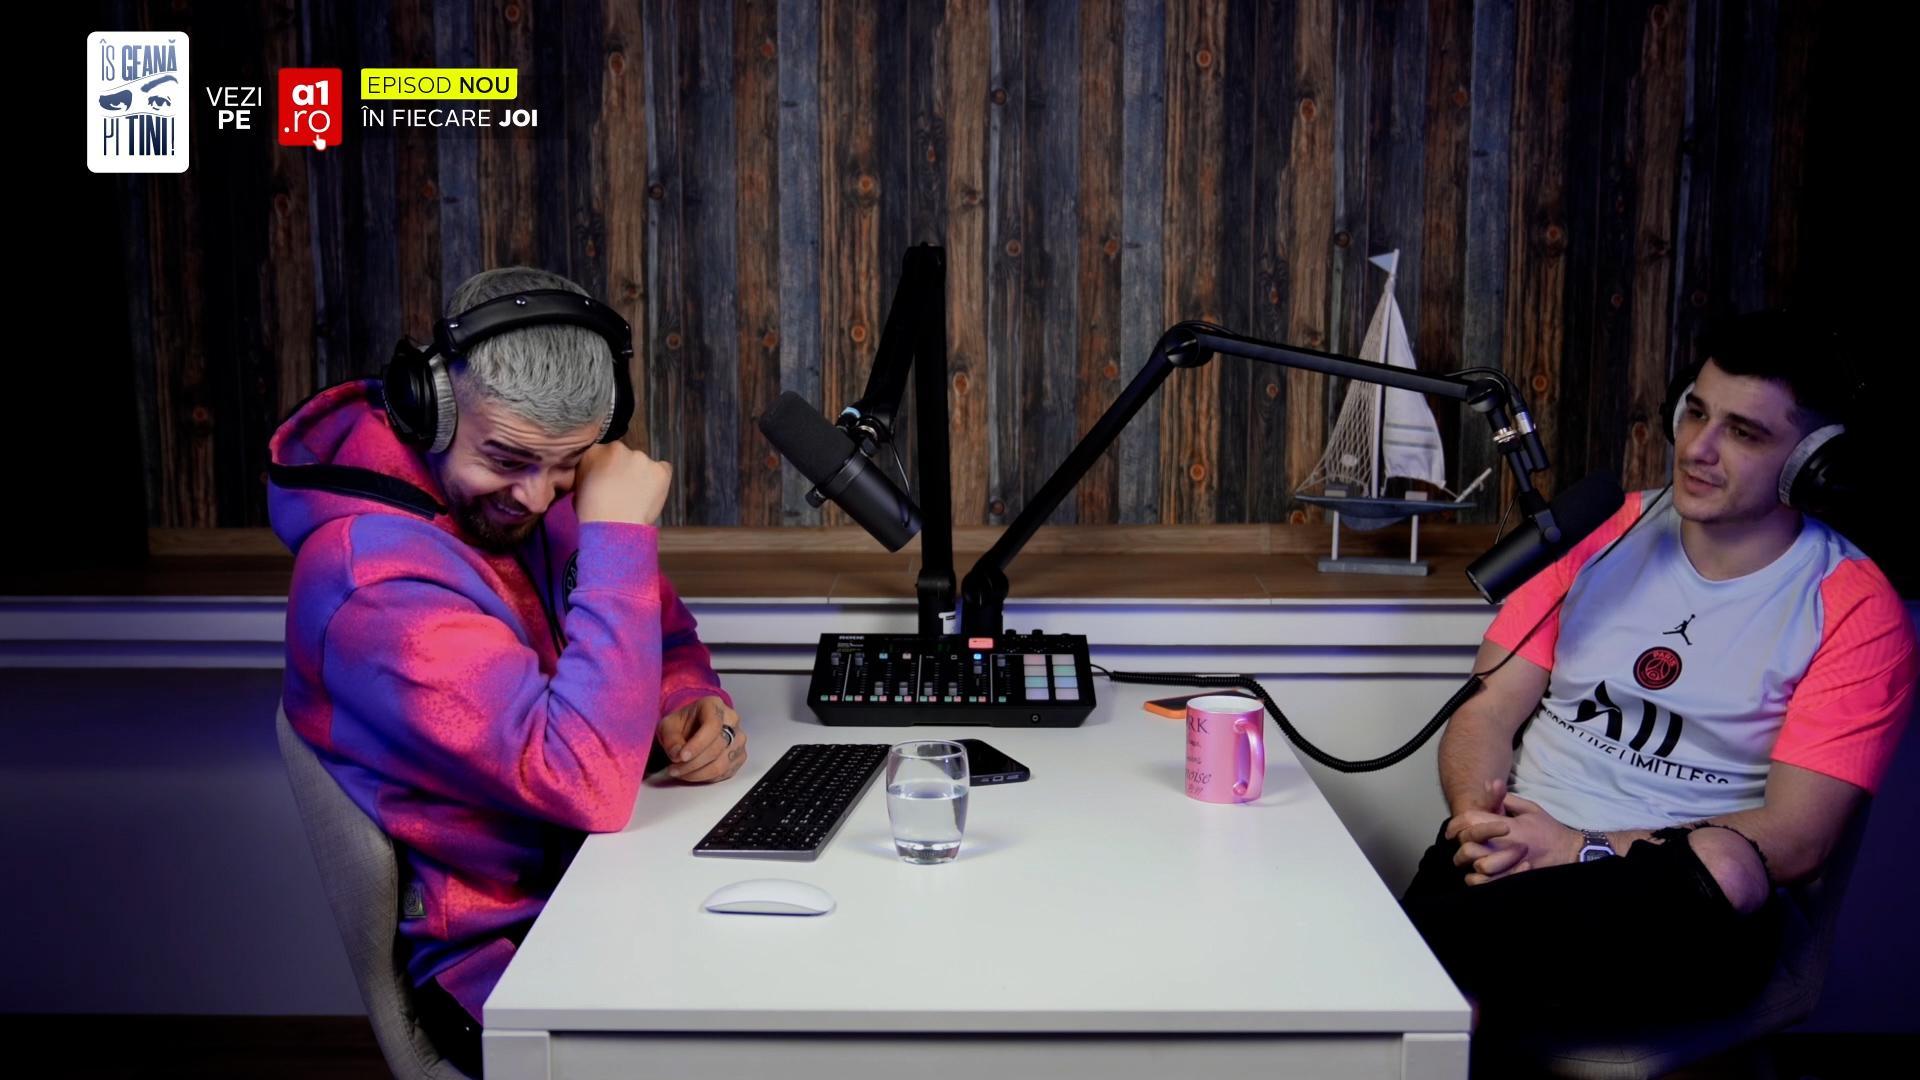 Speak și Vlad Drăgulin lansează Îs geană pi tini, episodul 20. Hai să vezi ce videouri pline de haz ți-au mai pregătit artiștii